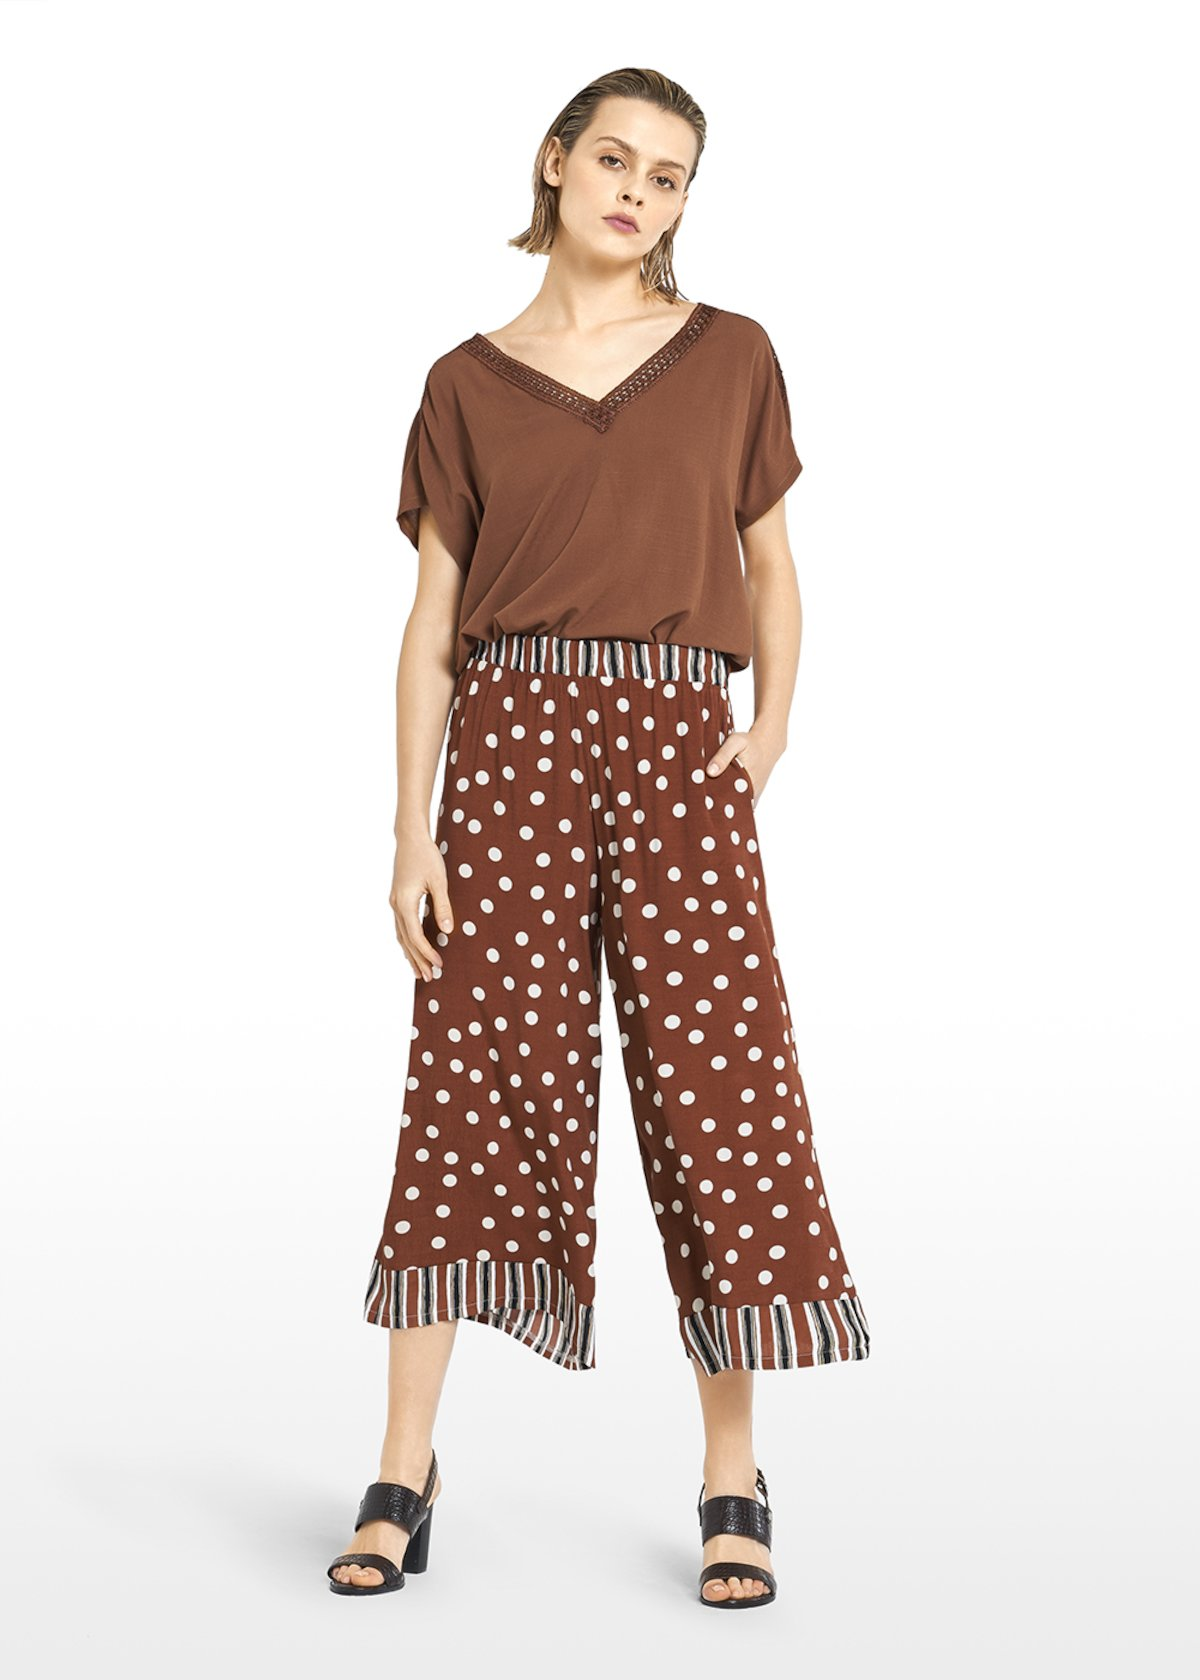 Paly capri pants  Megan design with stripes & pois fantasy - Tobacco / White Pois - Woman